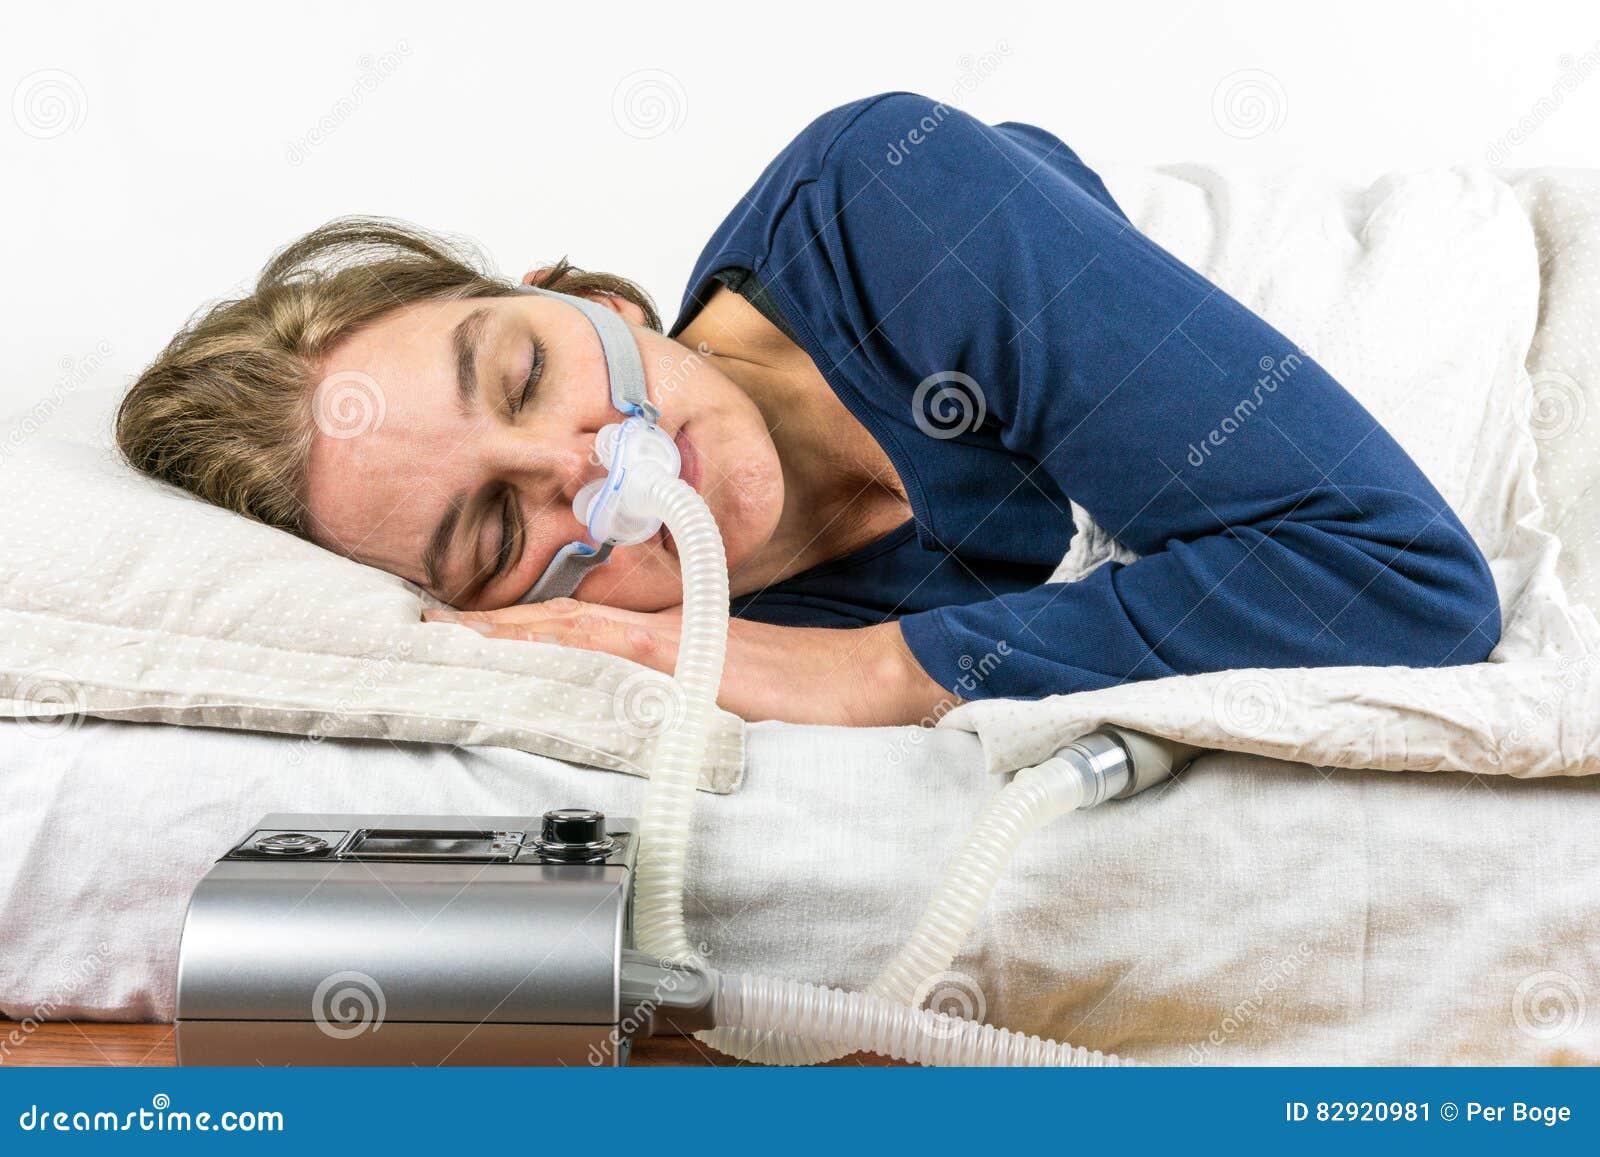 Download Kvinna Som Sover På Hennes Sida Med CPAP-maskinen I Förgrunden Fotografering för Bildbyråer - Bild av behandling, hälsa: 82920981